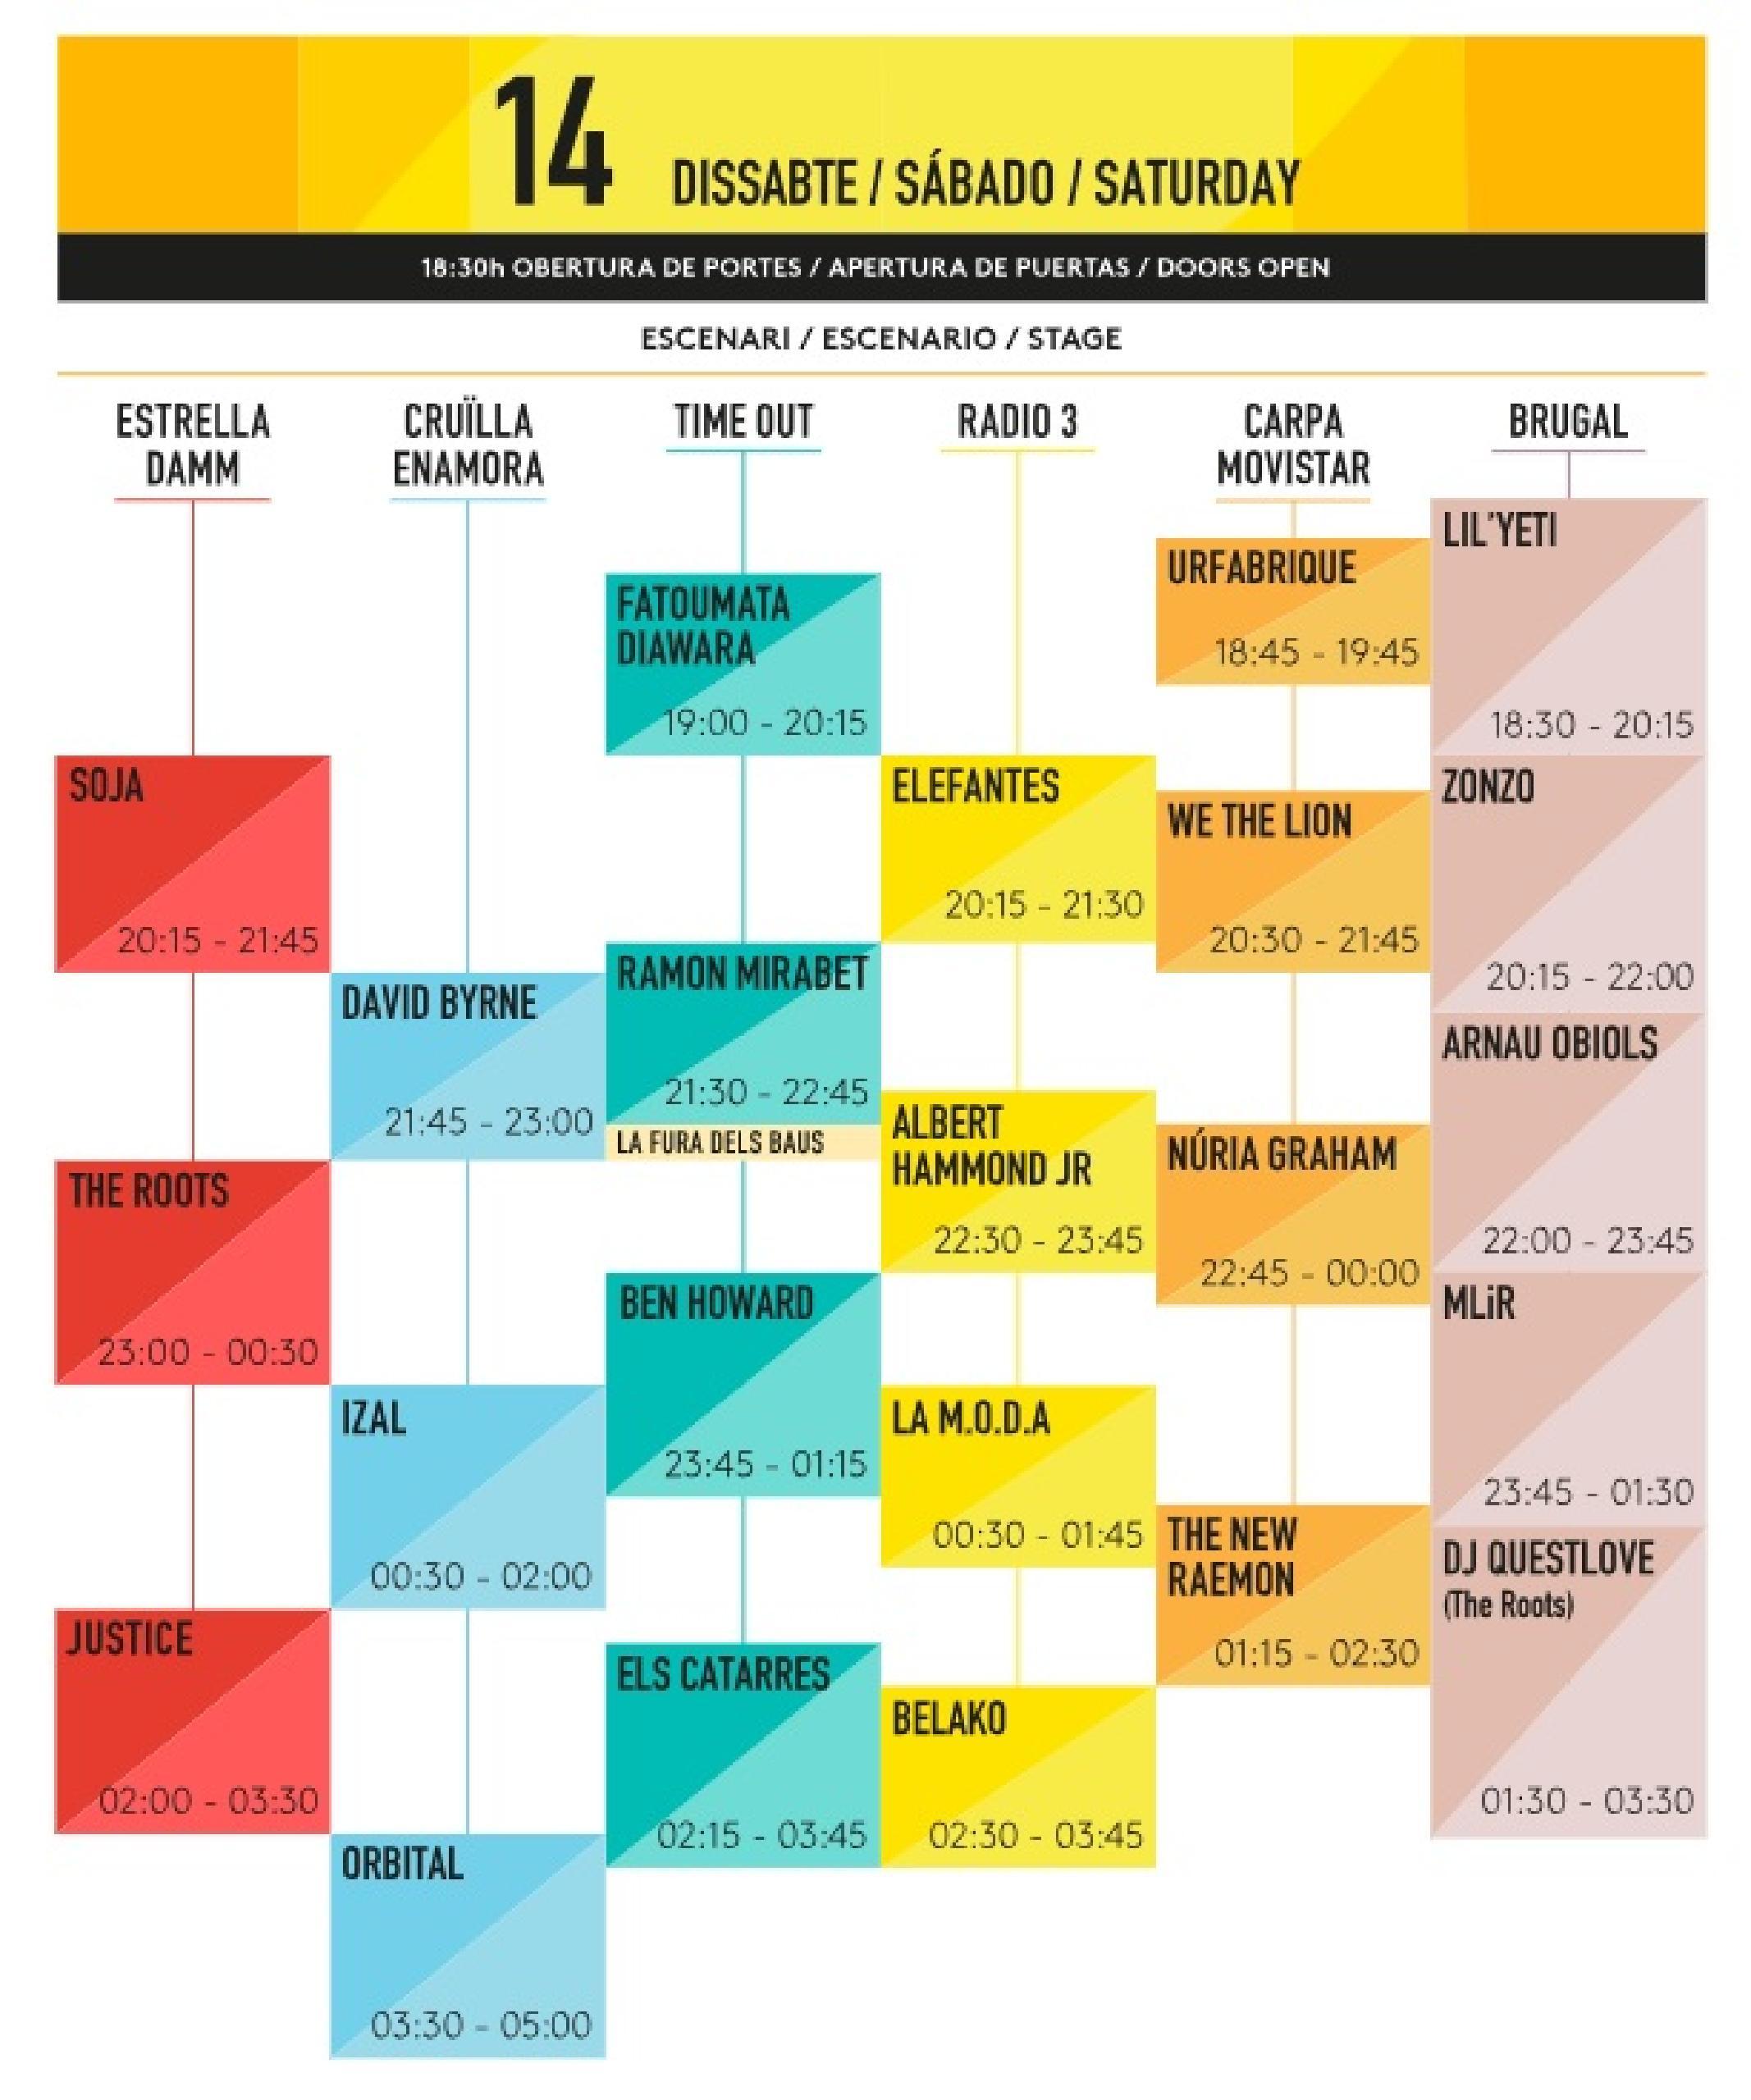 Horarios sábado Festival Cruilla 2018